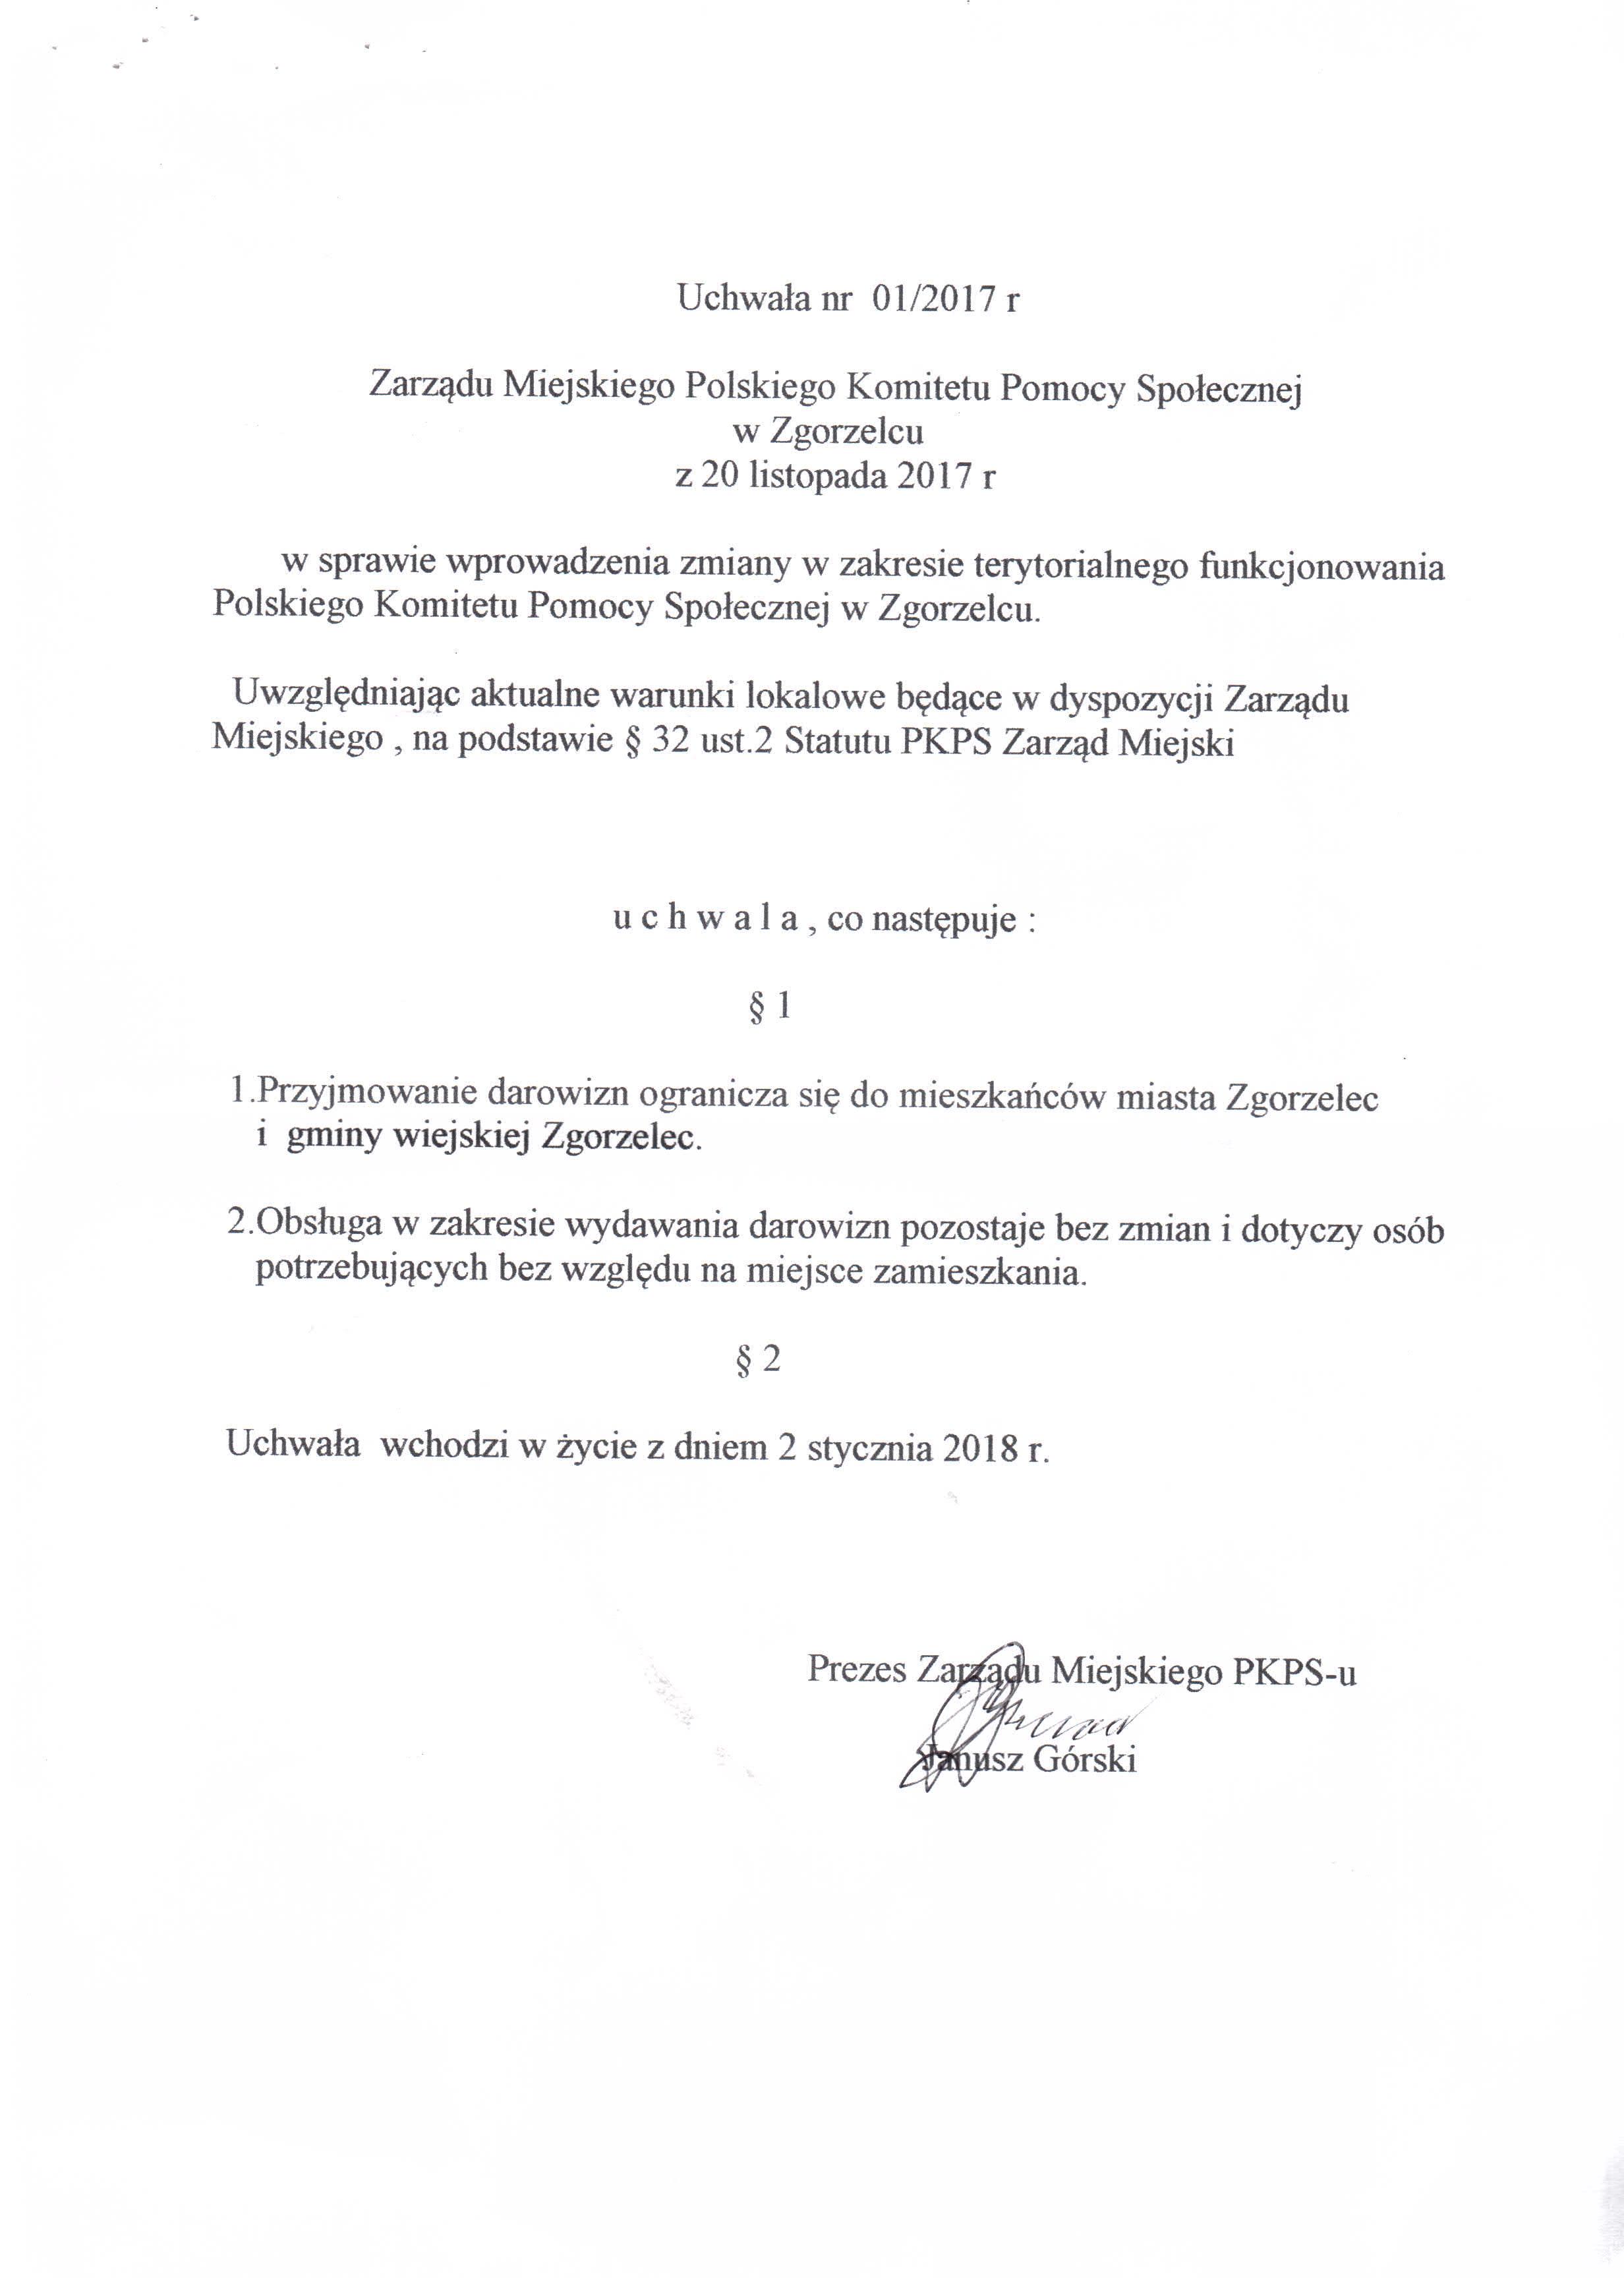 38cf589d3af9ad Działalność Polskiego Komitetu Pomocy Społecznej w Zgorzelcu